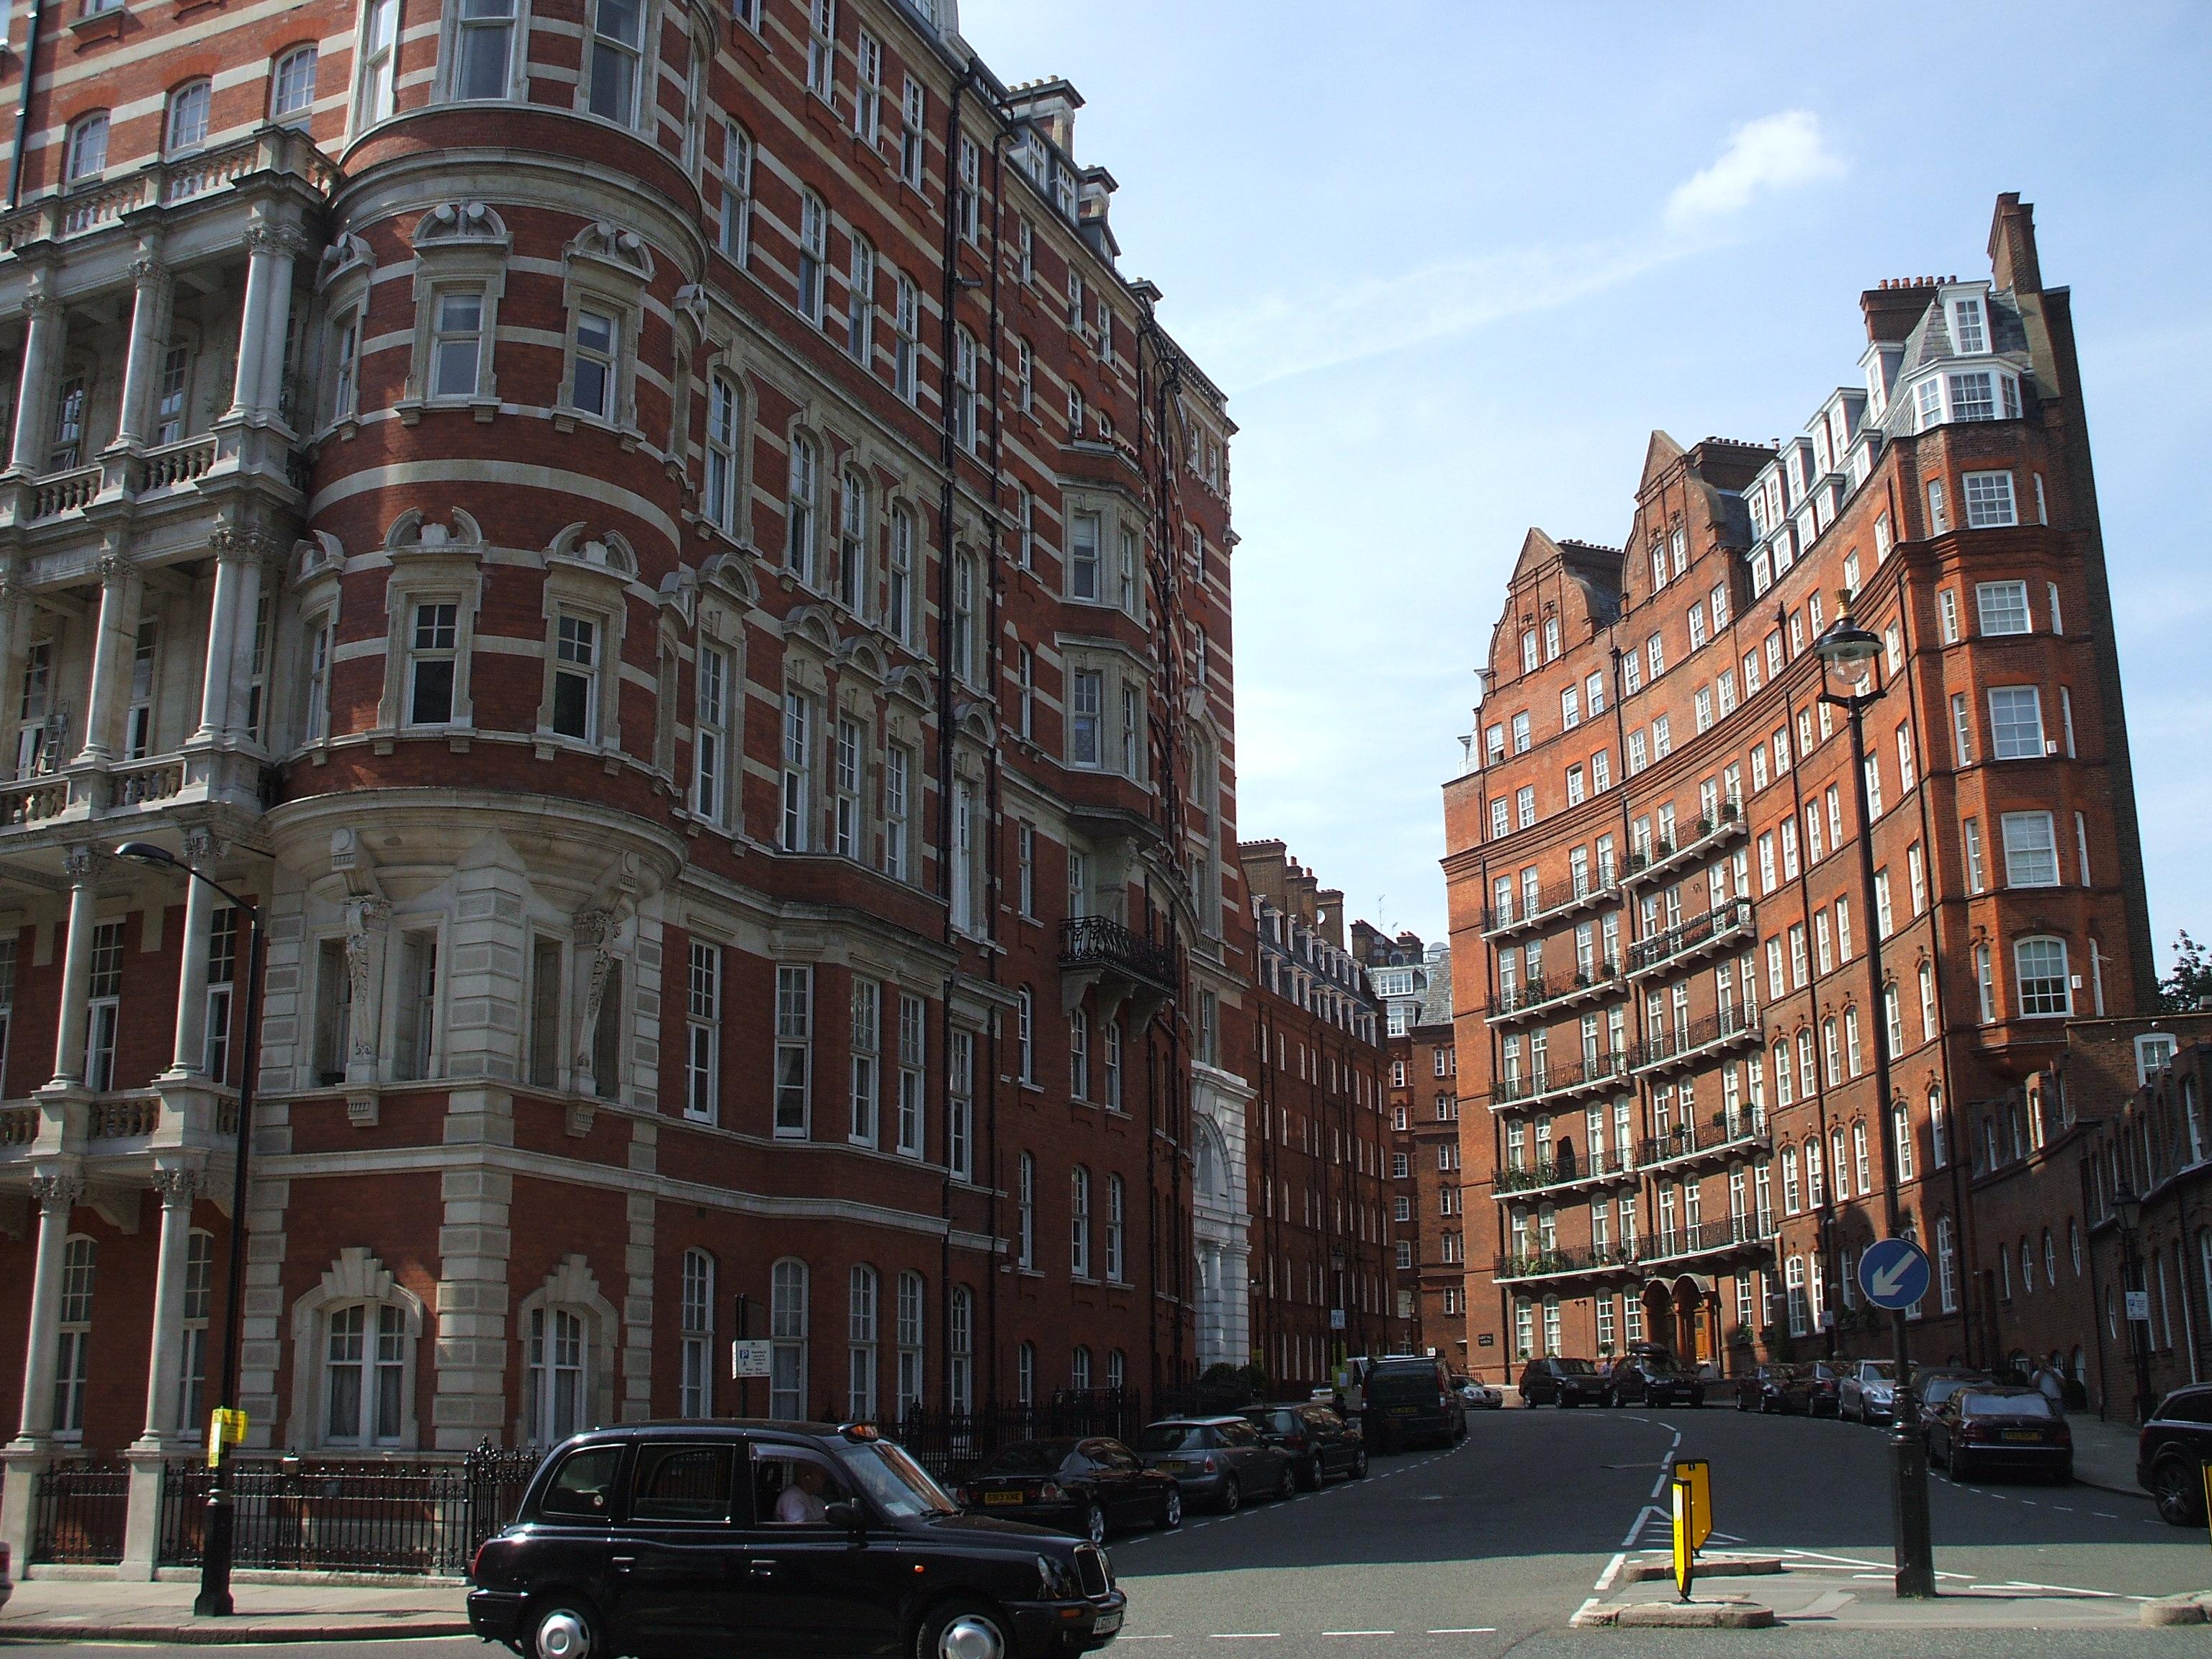 east end of london. Black Bedroom Furniture Sets. Home Design Ideas